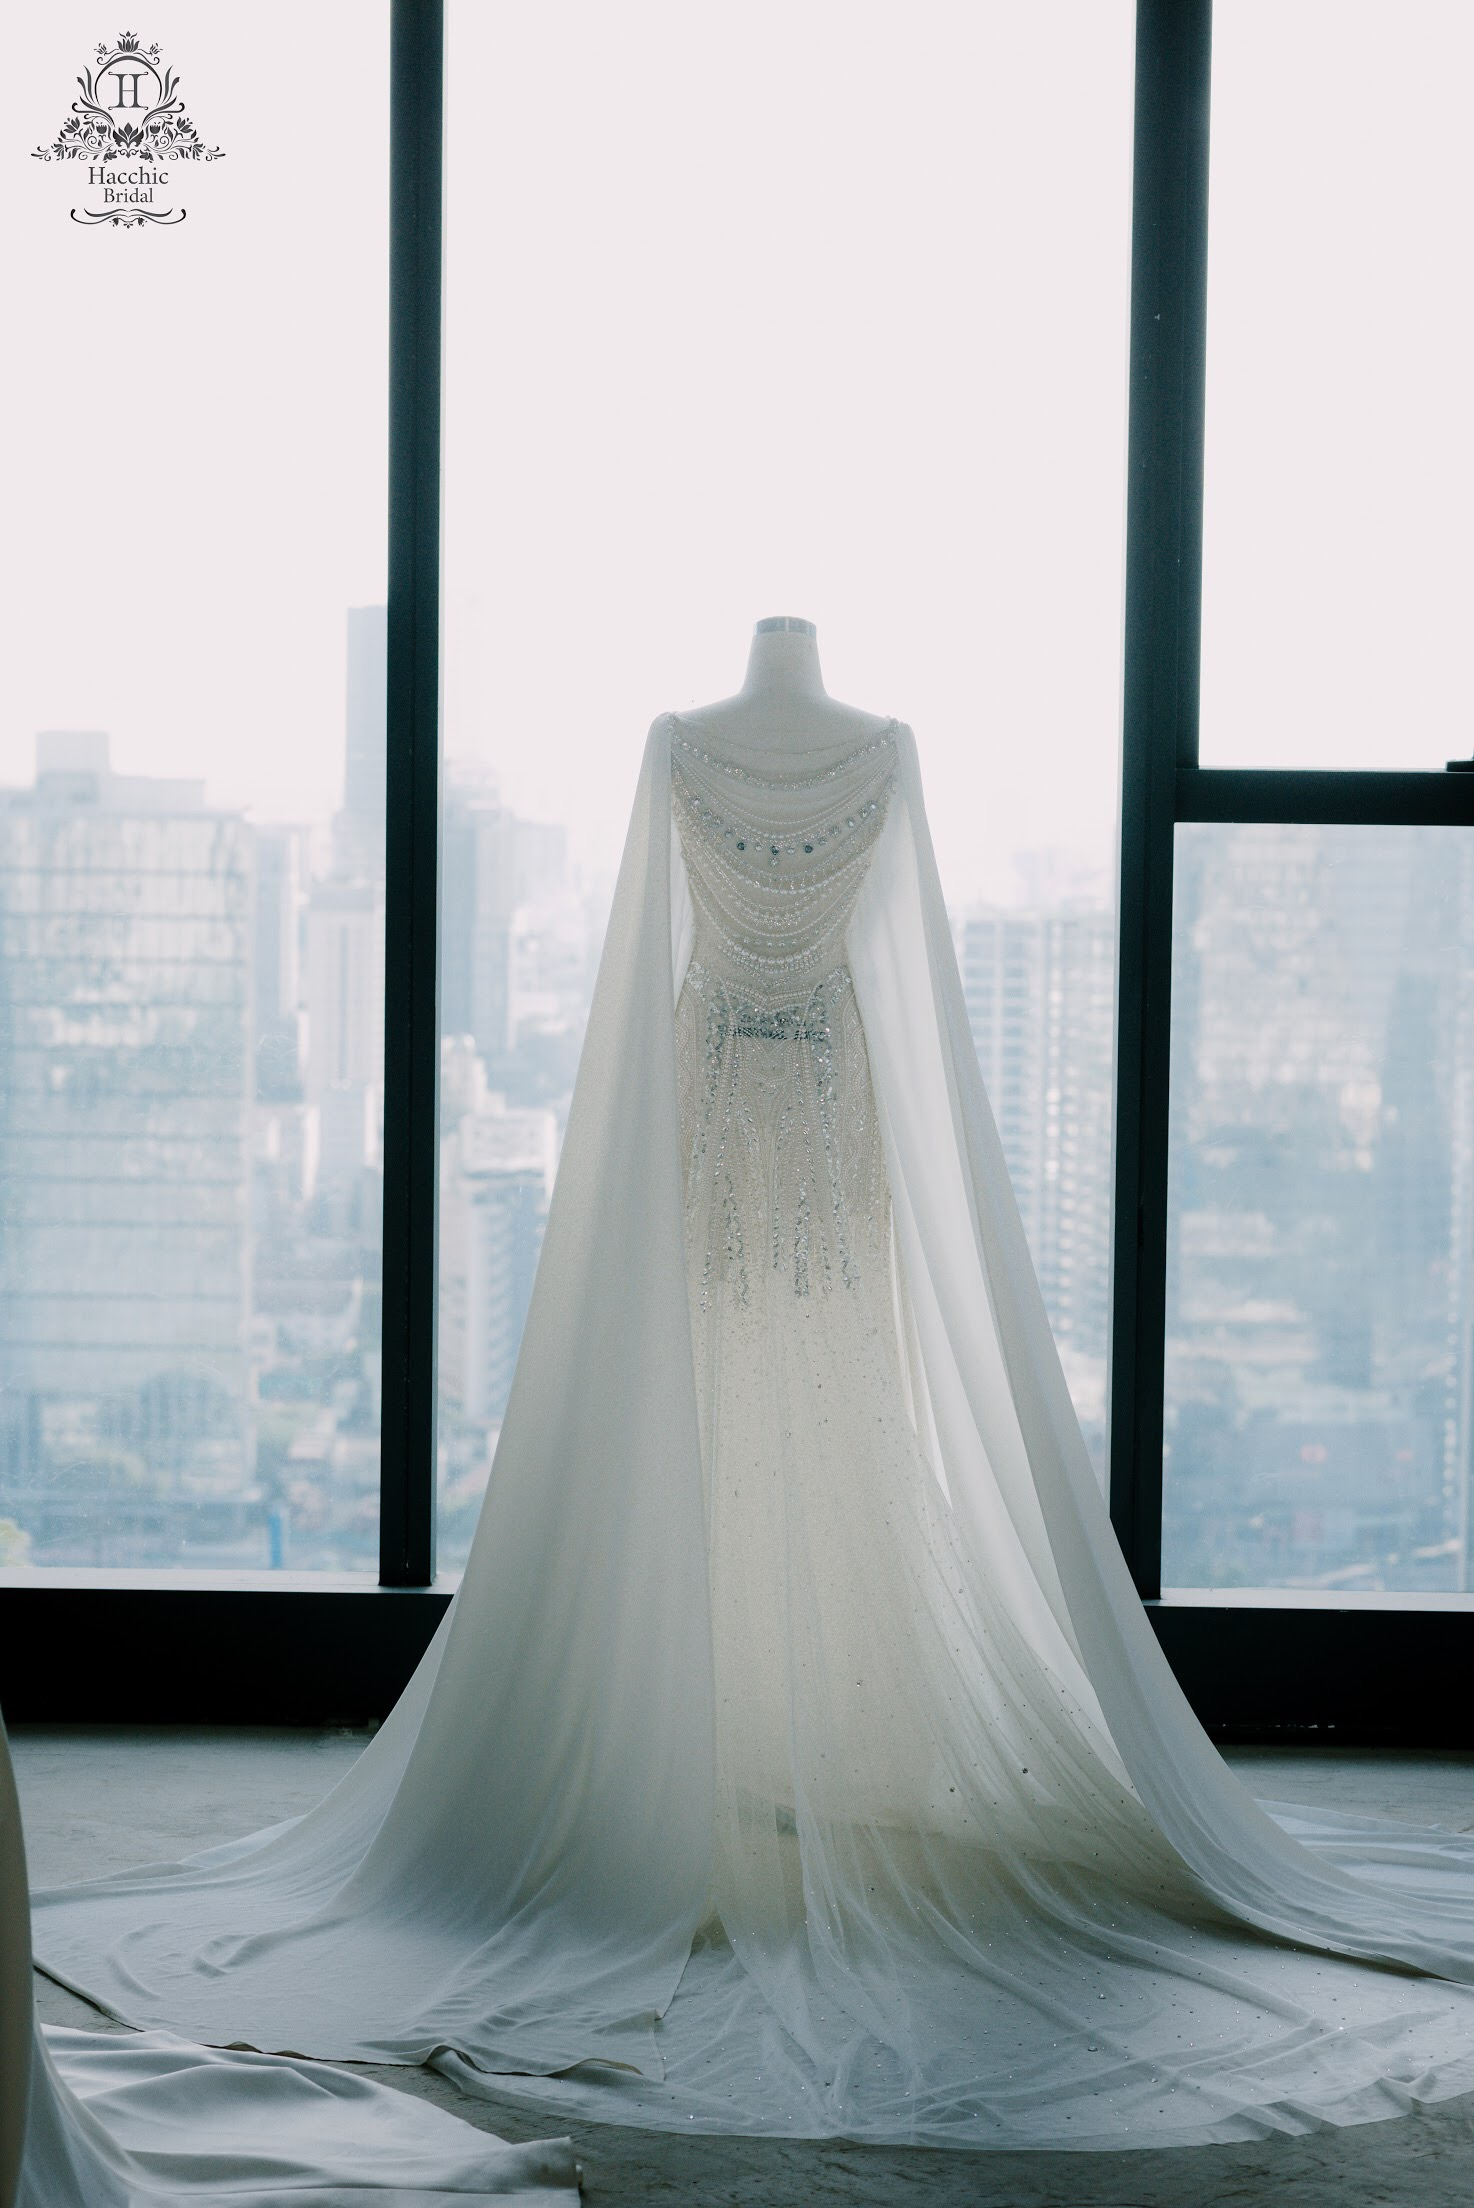 Váy cưới chính thức của Lan Khuê trị giá tới 500 triệu đồng đã được tiết lộ - Ảnh 6.